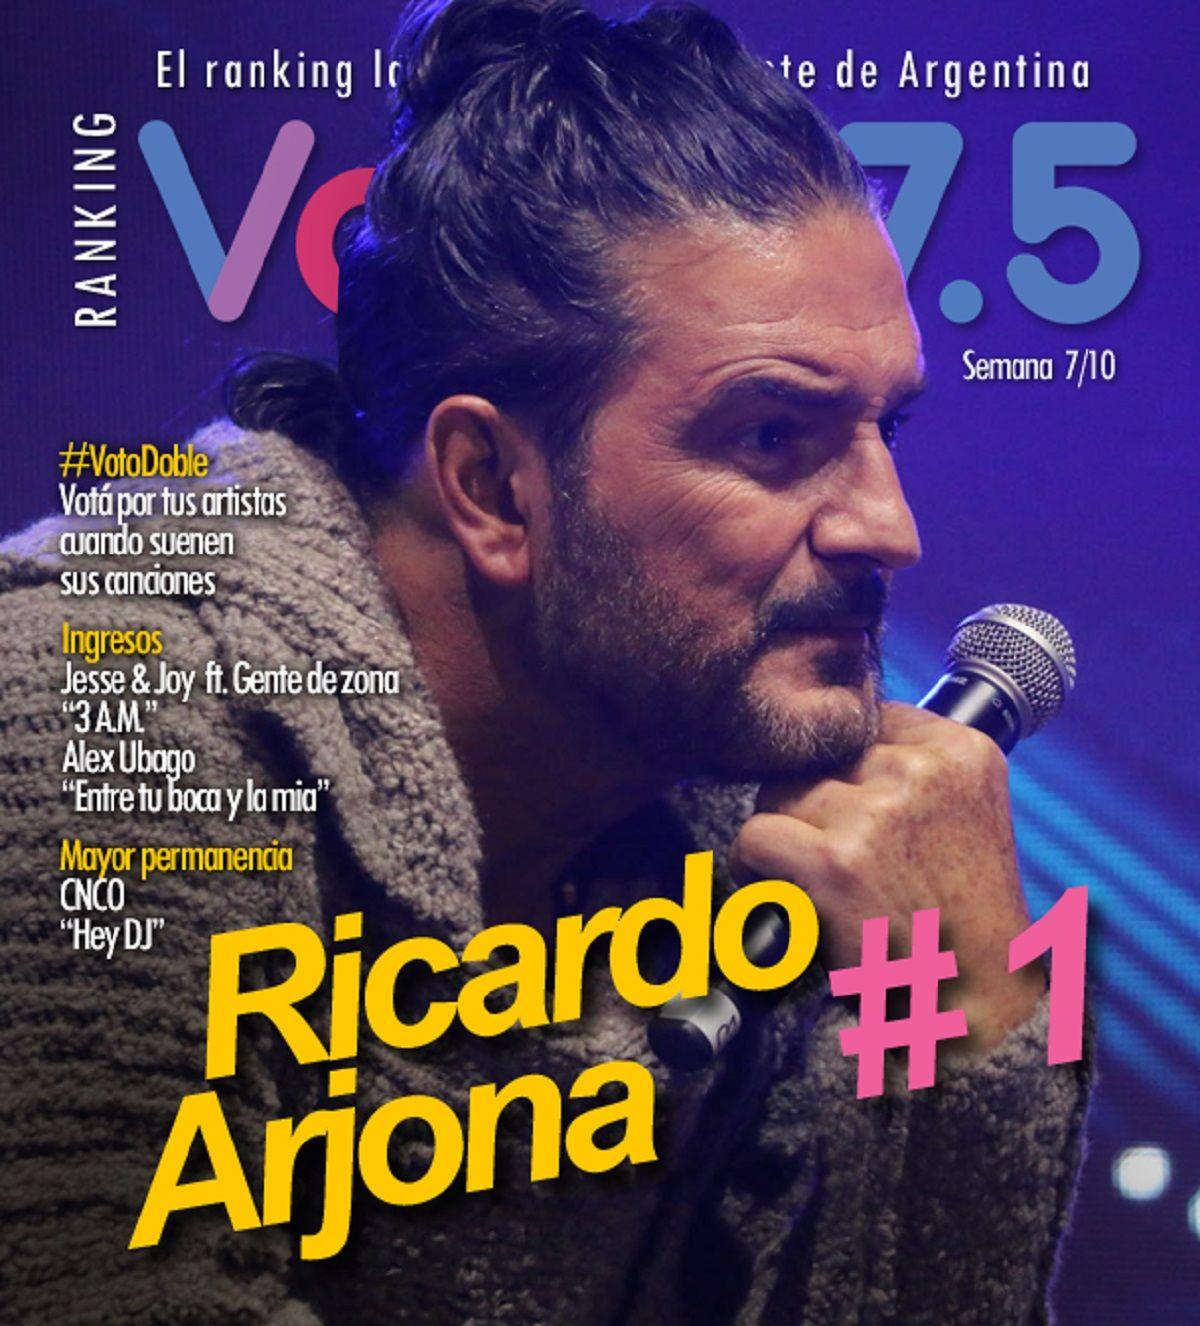 Ricardo Arjona, imparable en el Ranking Vale